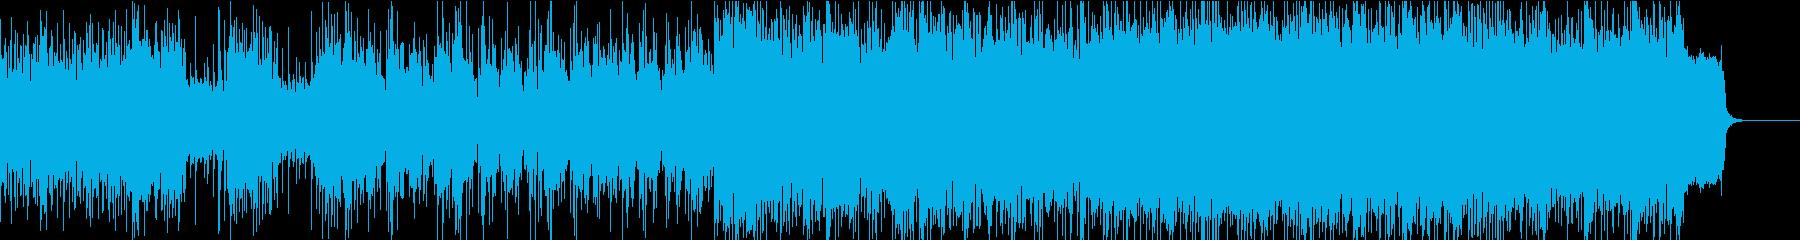 忍者を感じる和テイストのシンセロックの再生済みの波形